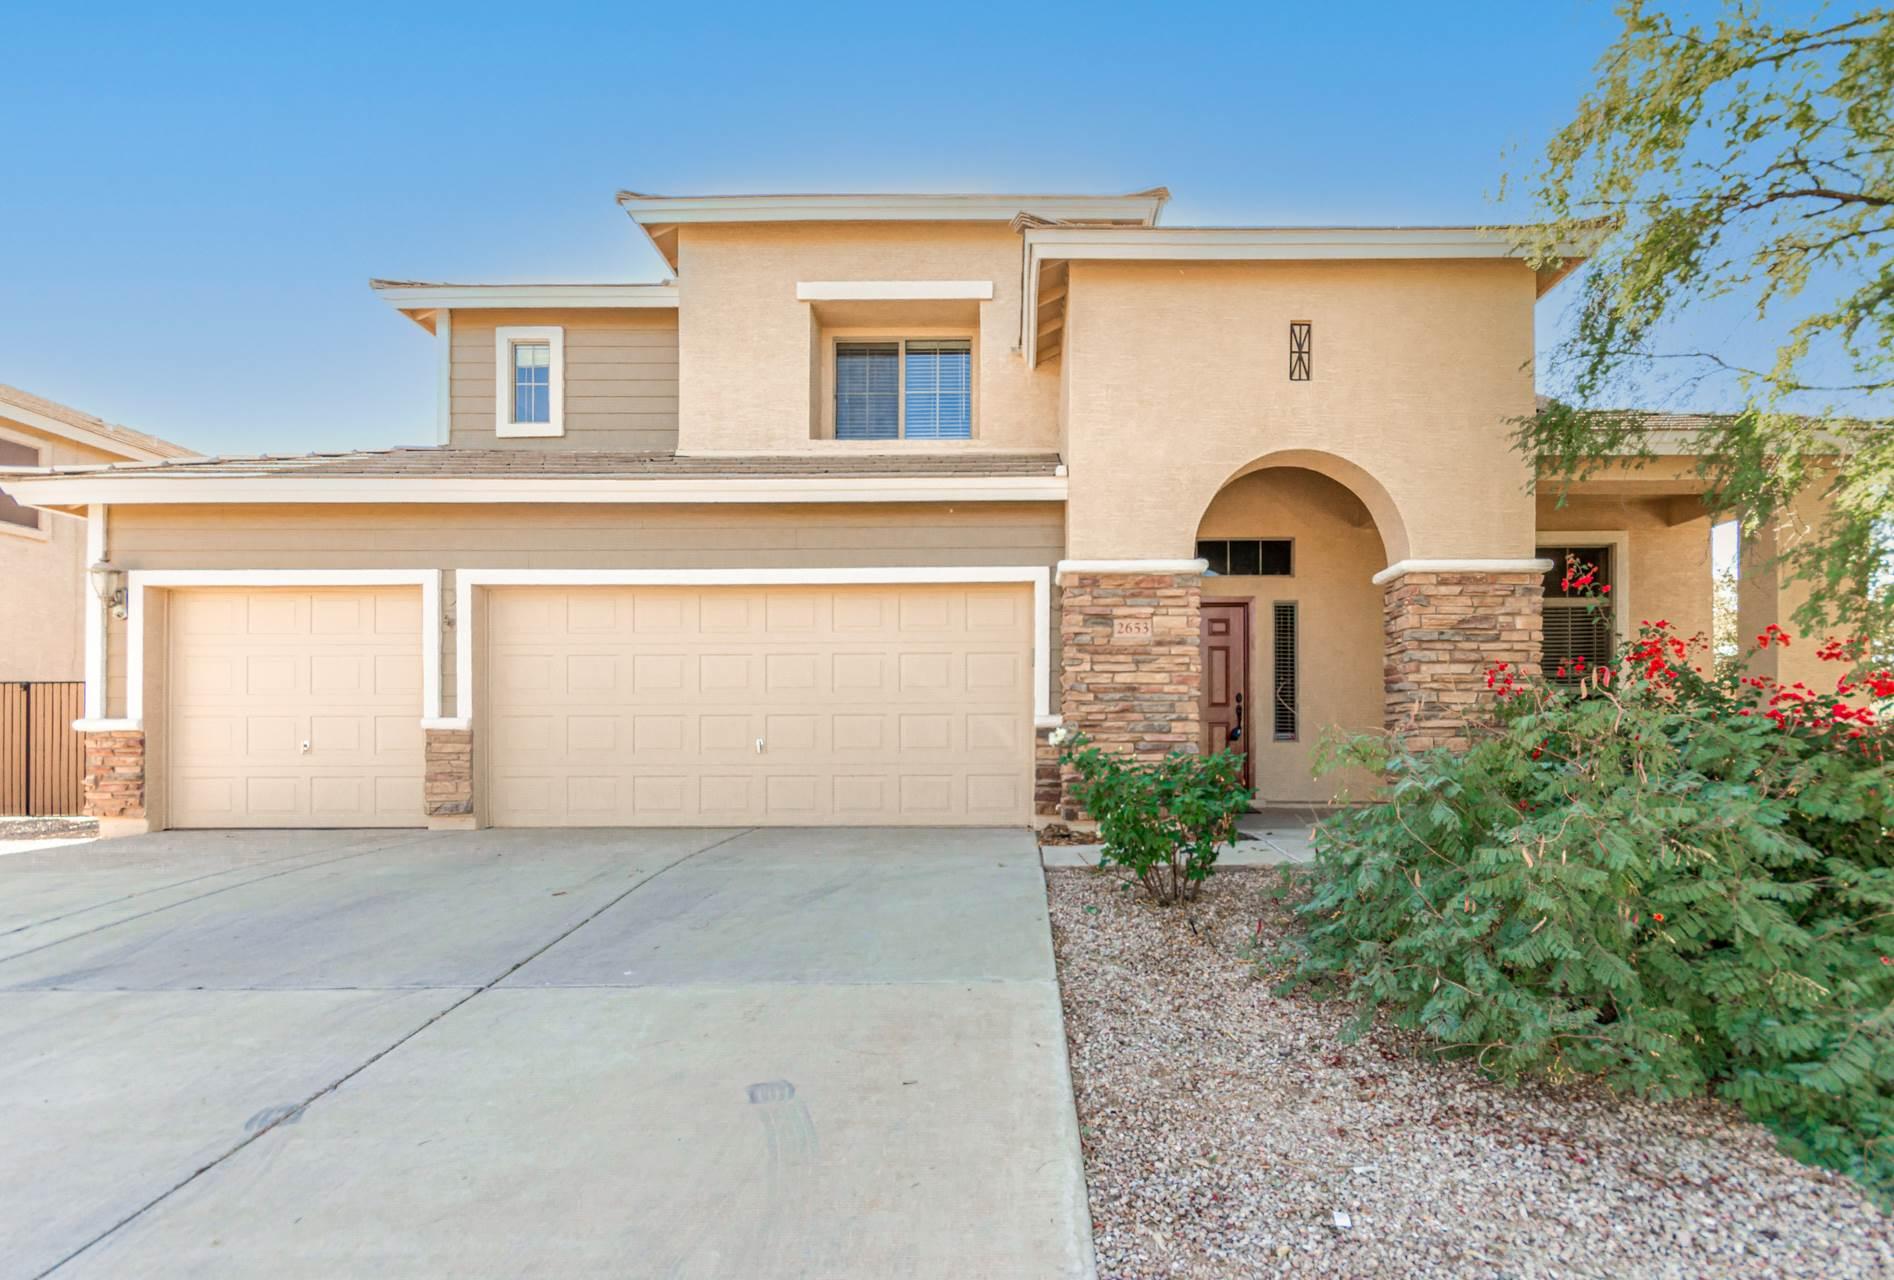 2653 W Silver Streak Way, Queen Creek, AZ 85142